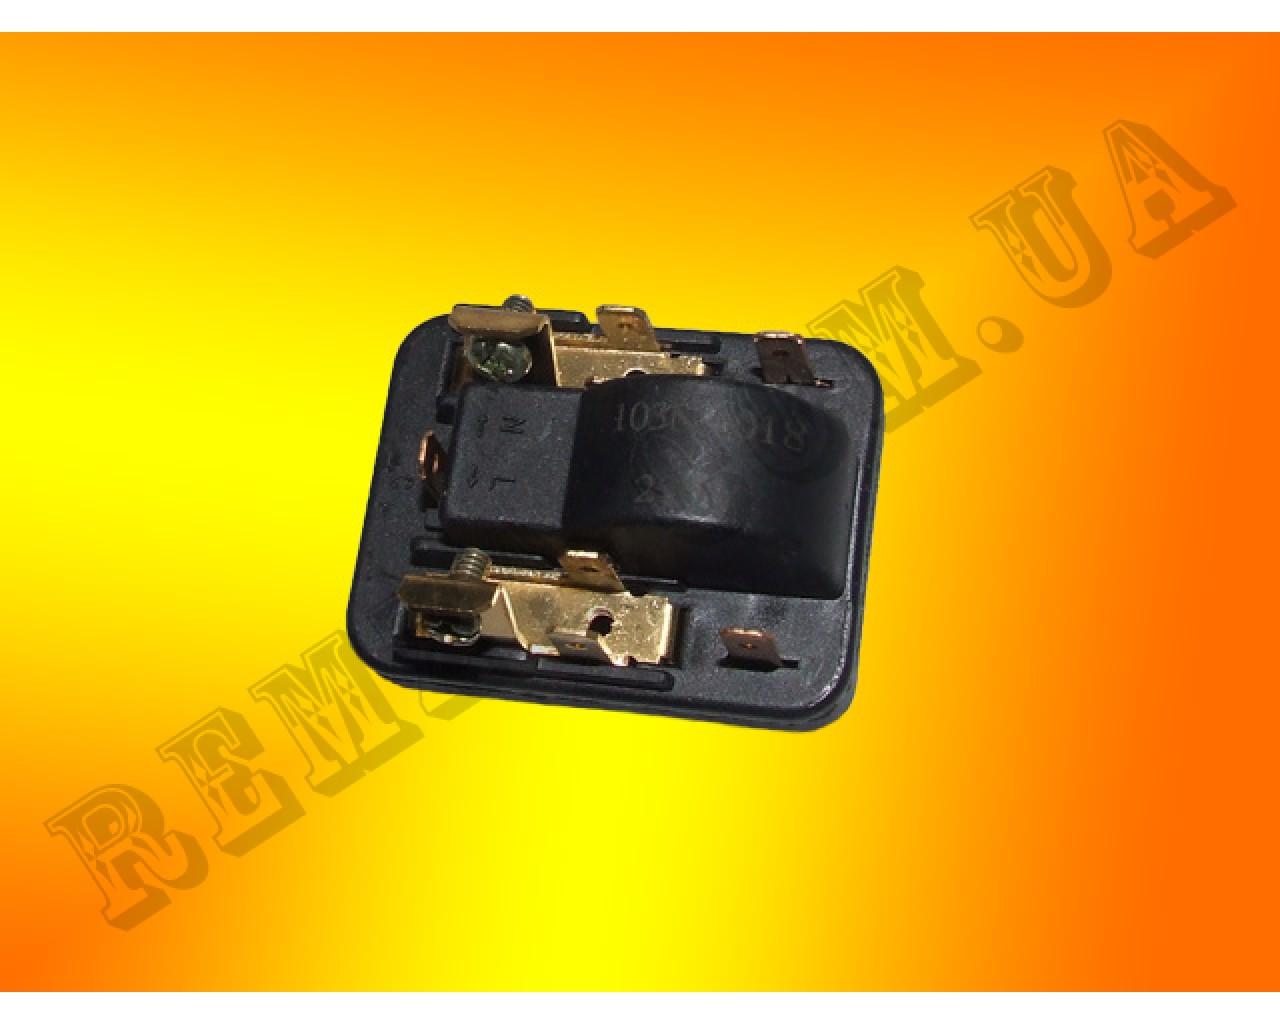 схема подключения danfoss 103n0021